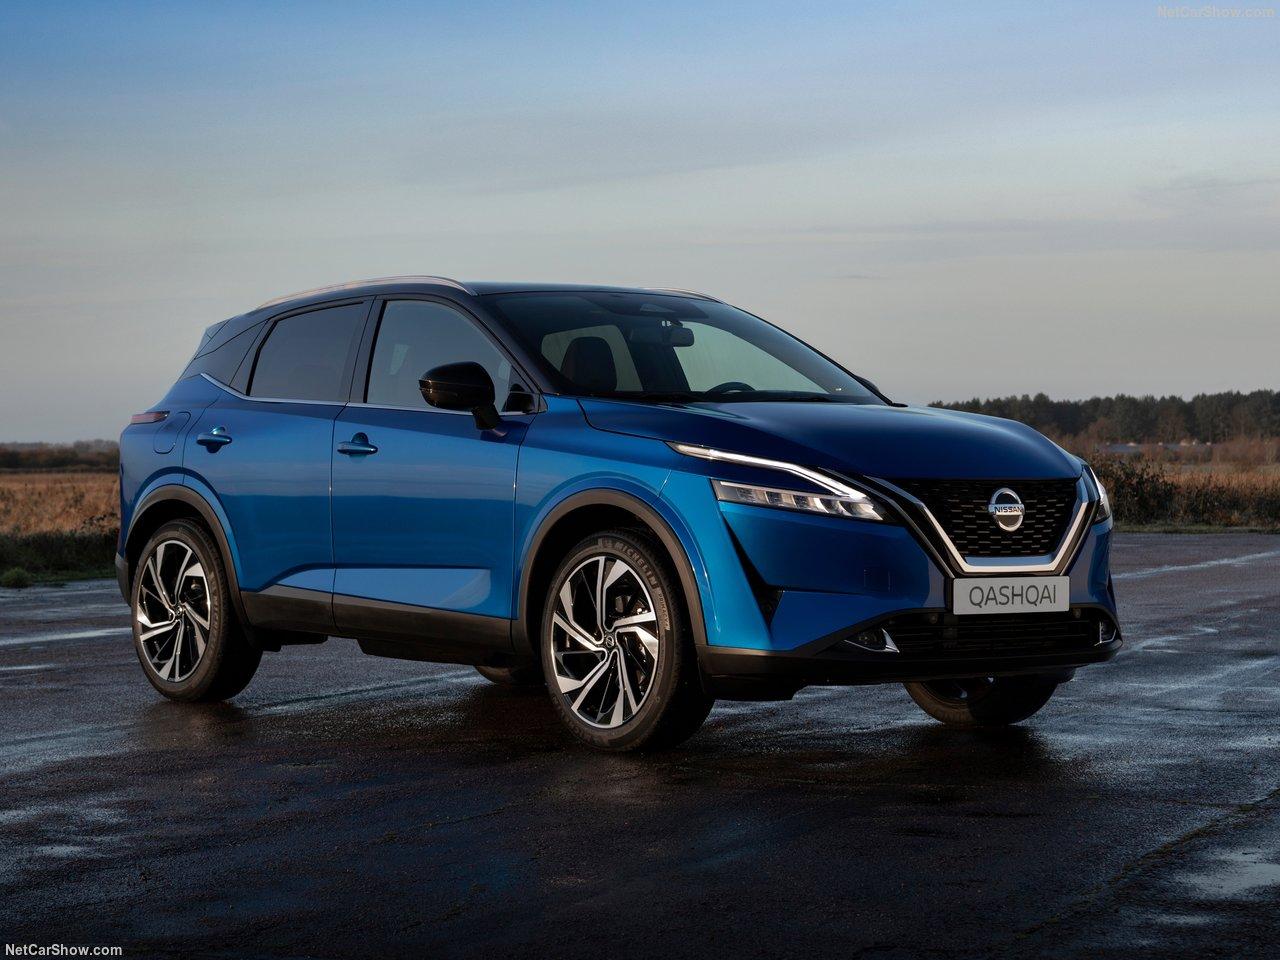 Nissan-Qashqai-2022-1280-04.jpg